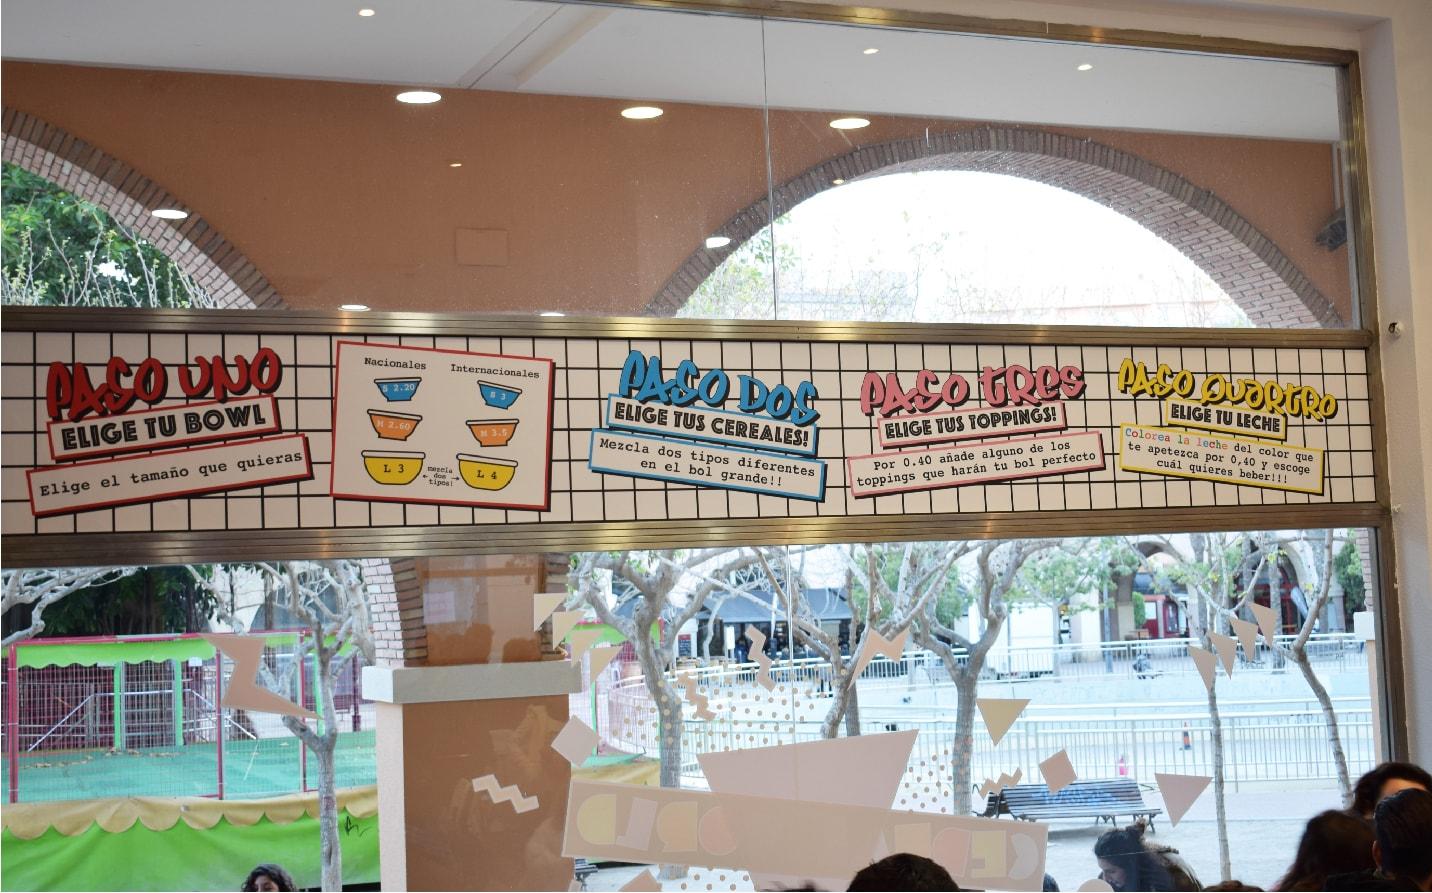 Diseño gráfico en la pared del café moderno en Cartagena